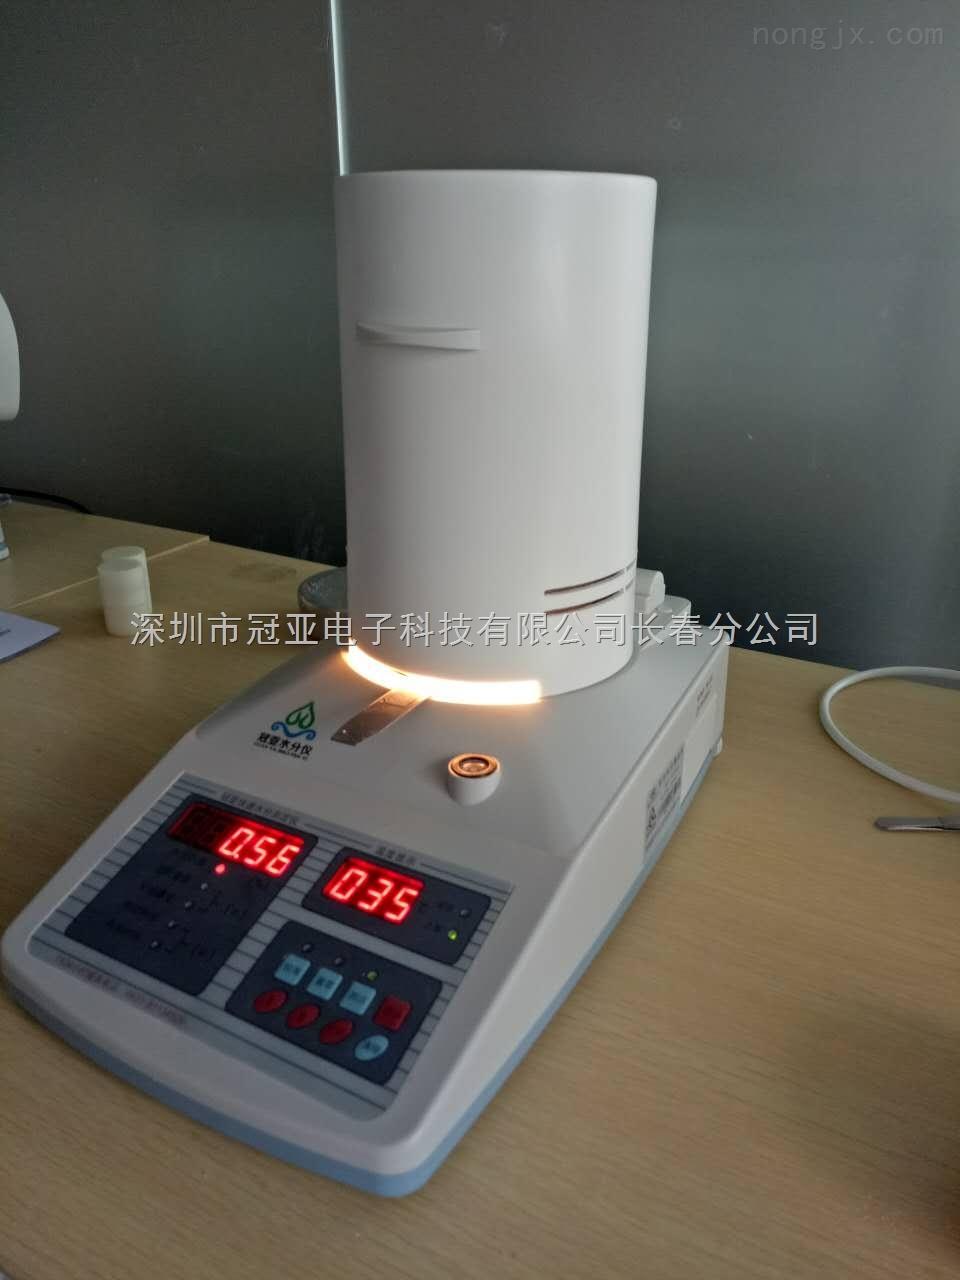 中药材水分检测仪丨中药材水分测定仪丨怎么检测丨使用方法丨注意事项